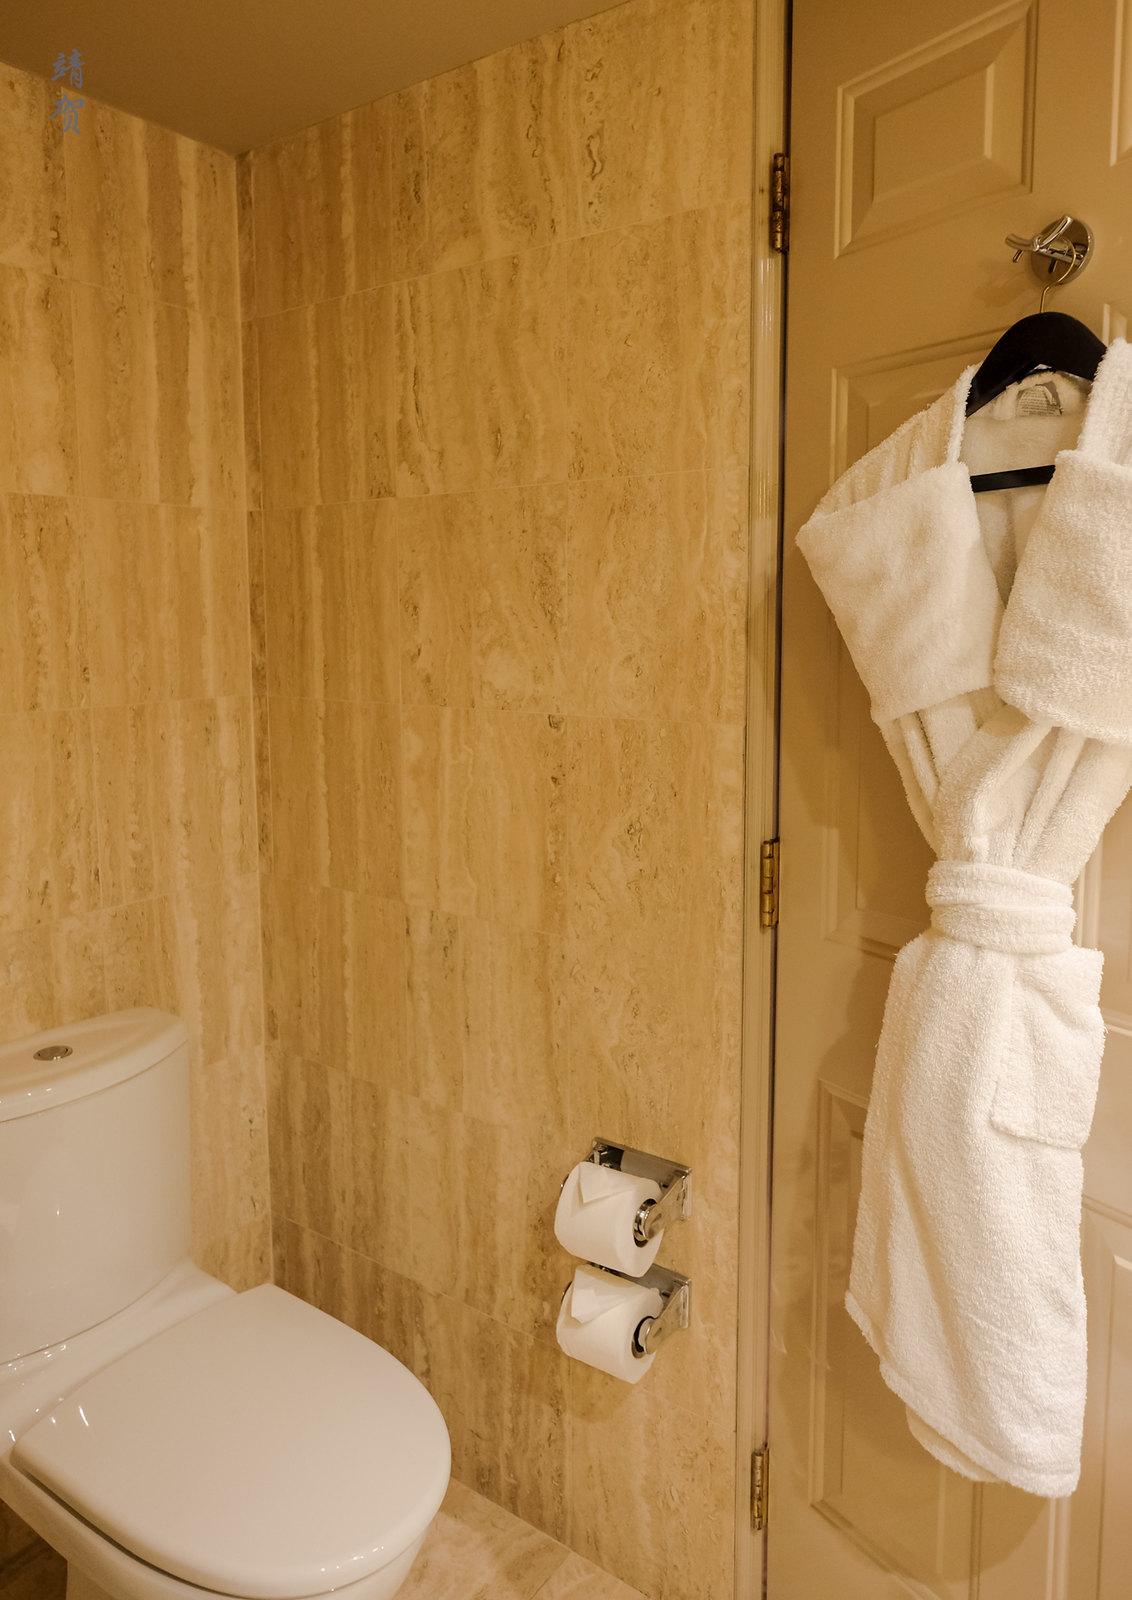 Toilet and bathrobe